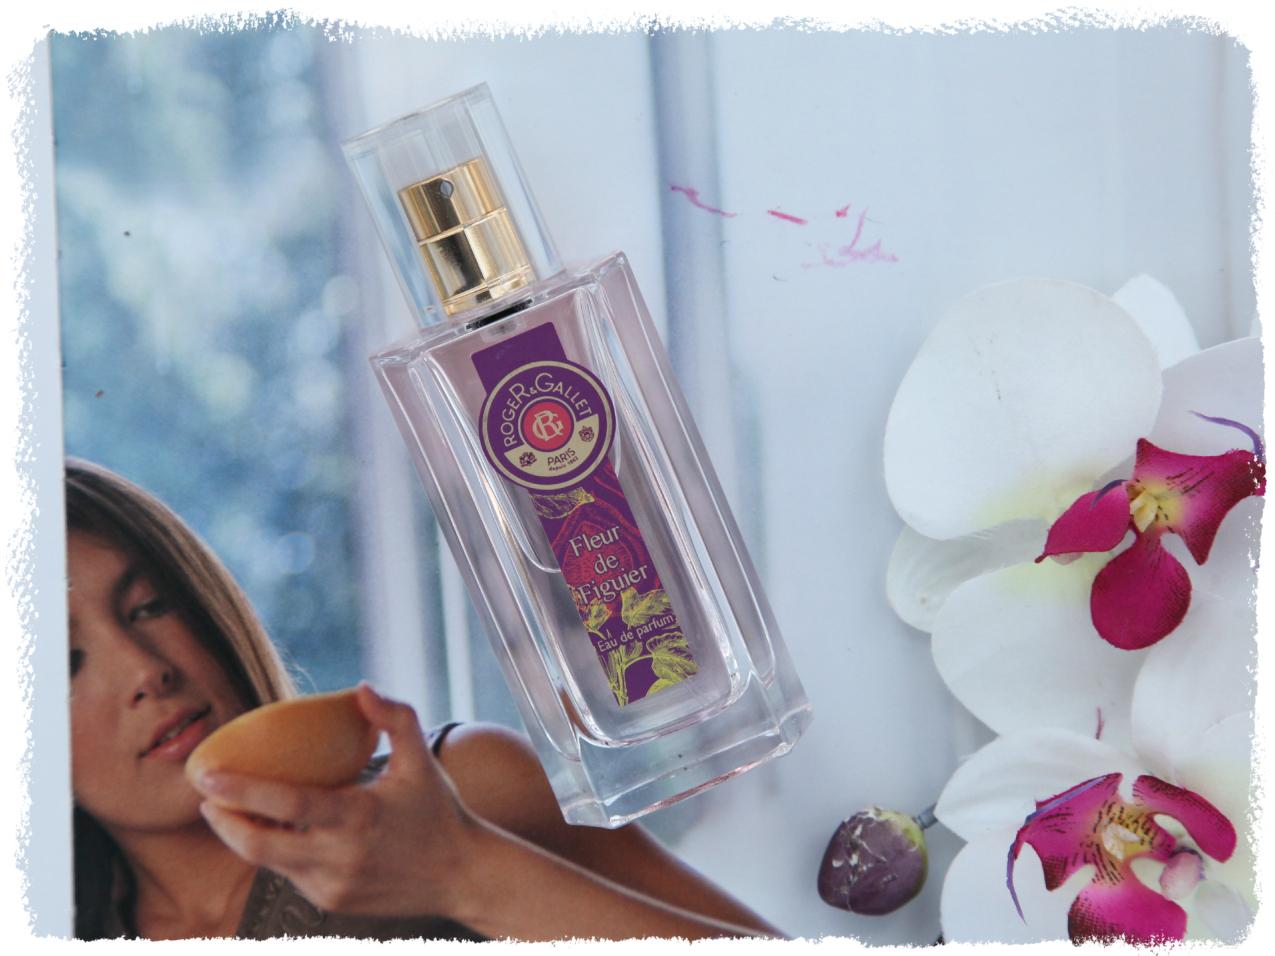 Fleur de Figuier by Roger&Gallet: quando il profumo diventa un peccato di gola, alessia milanese, thechilicool, fashion blog, fashion blogger